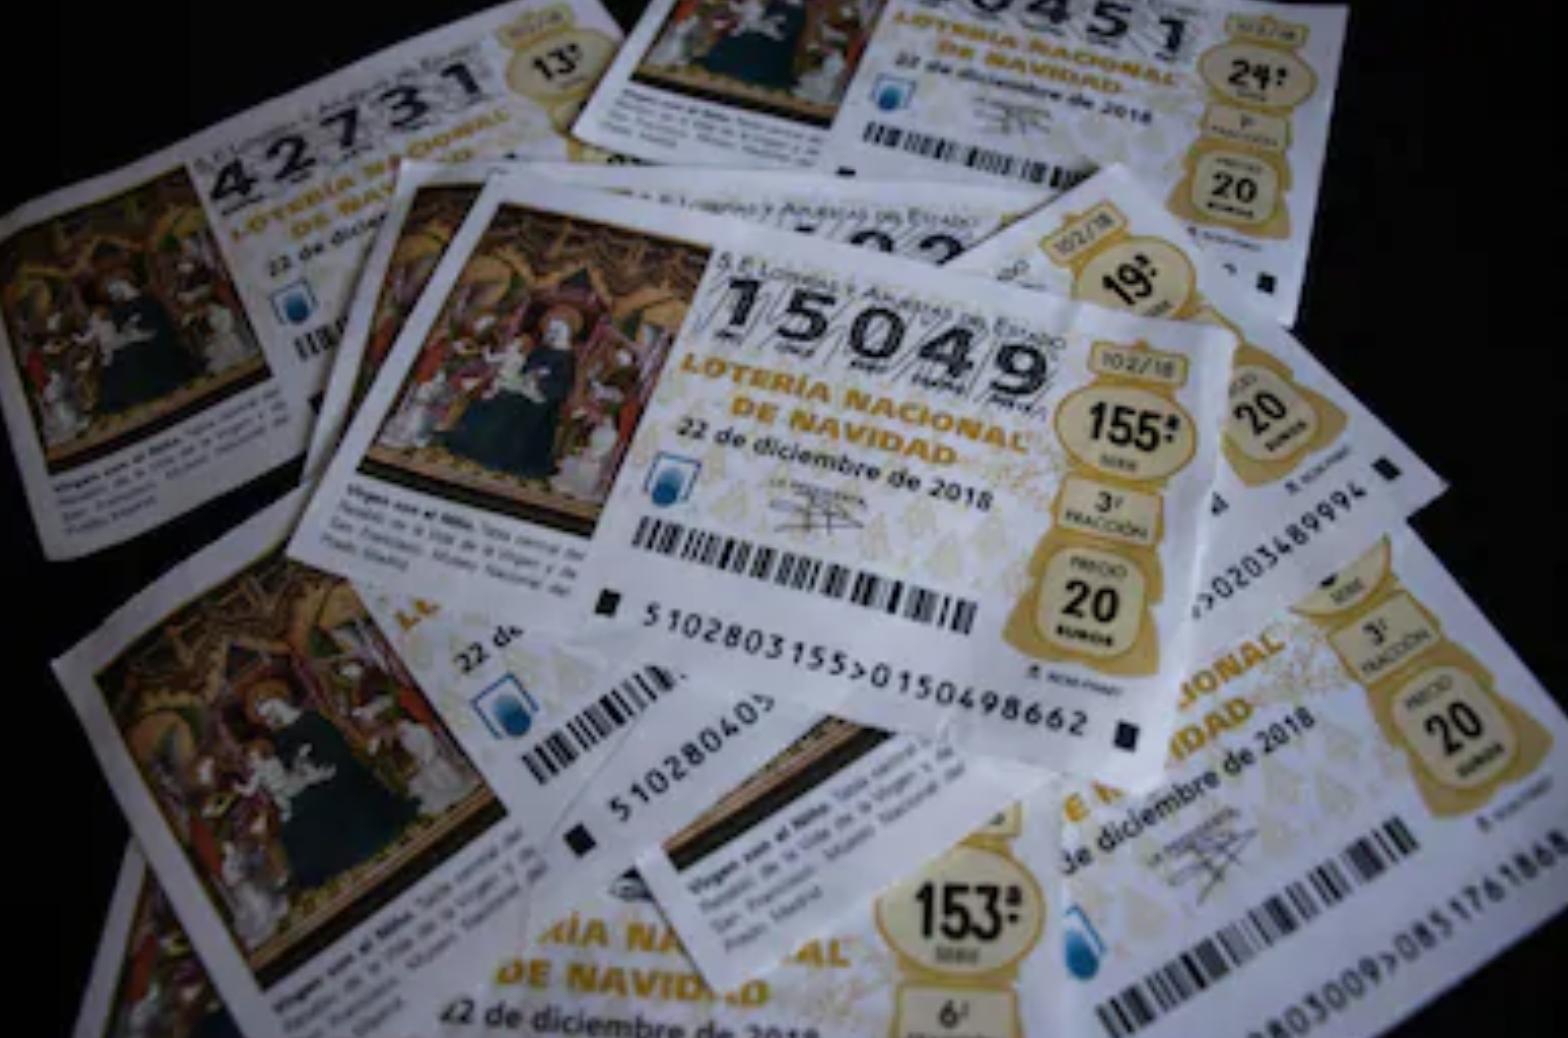 Lotería de Navidad compartida por Whatsapp, una nueva realidad y la preocupación por su legalidad #CompartirConocimiento